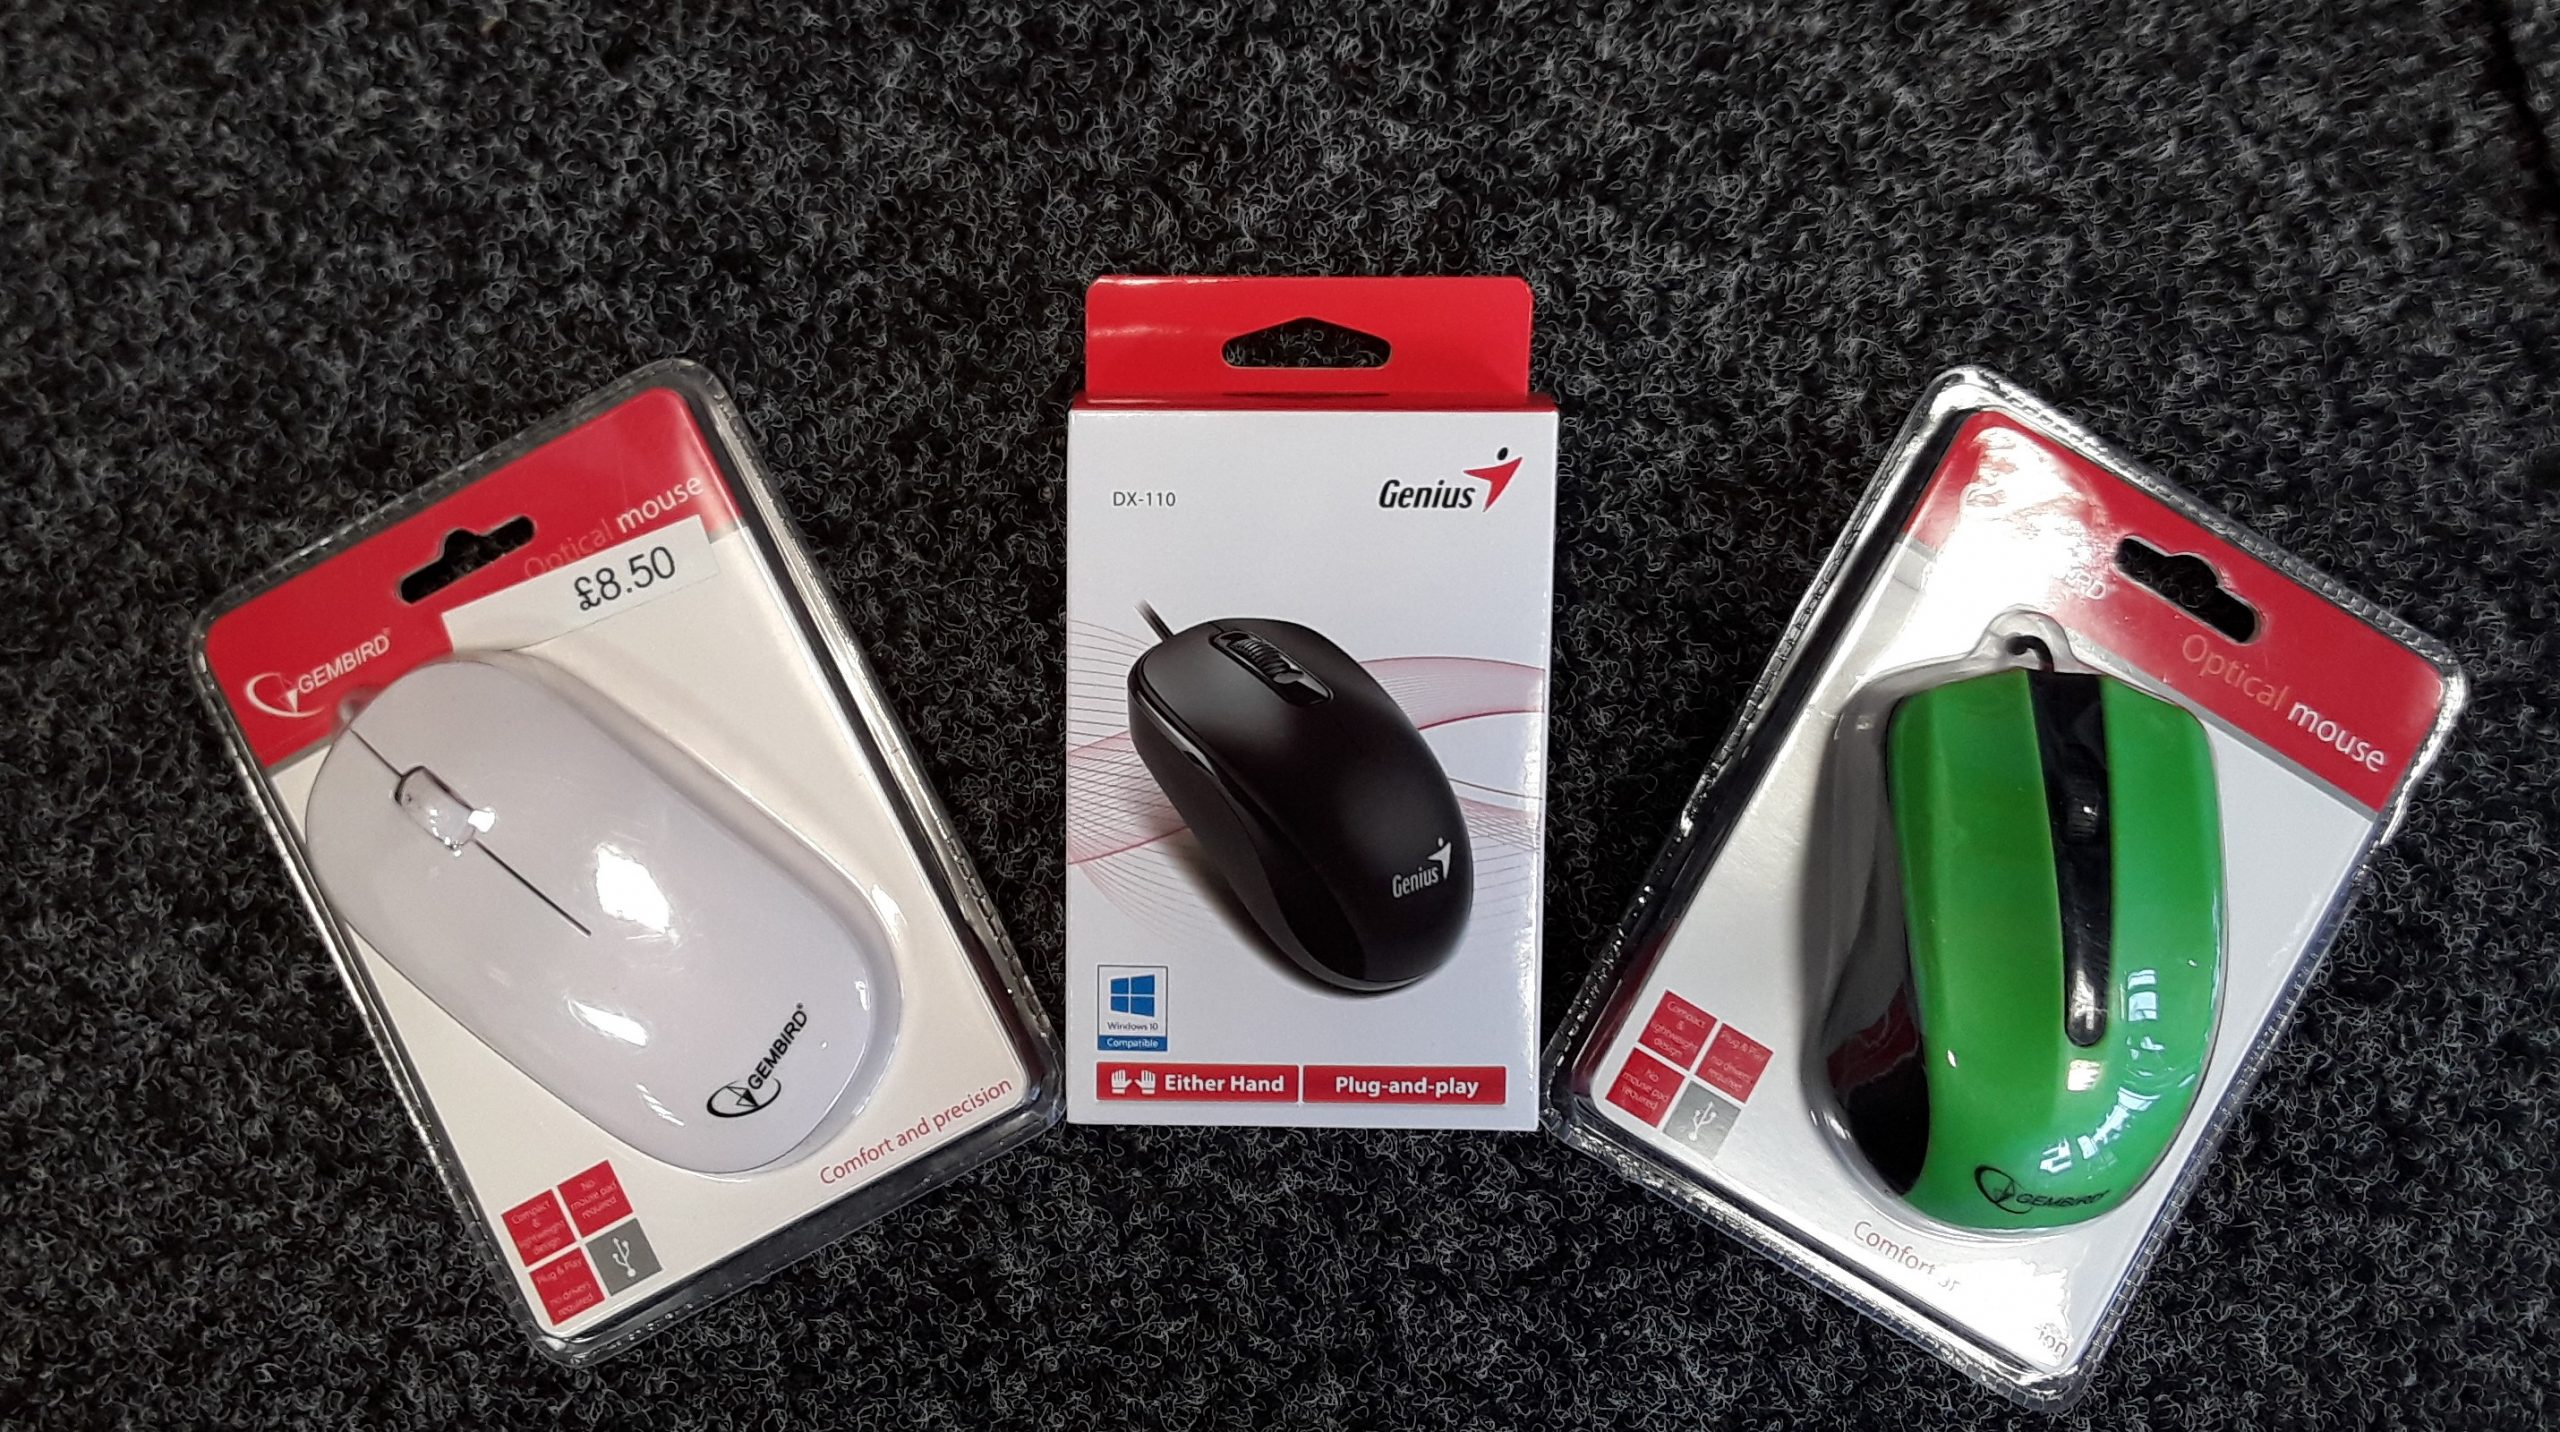 USB Mice